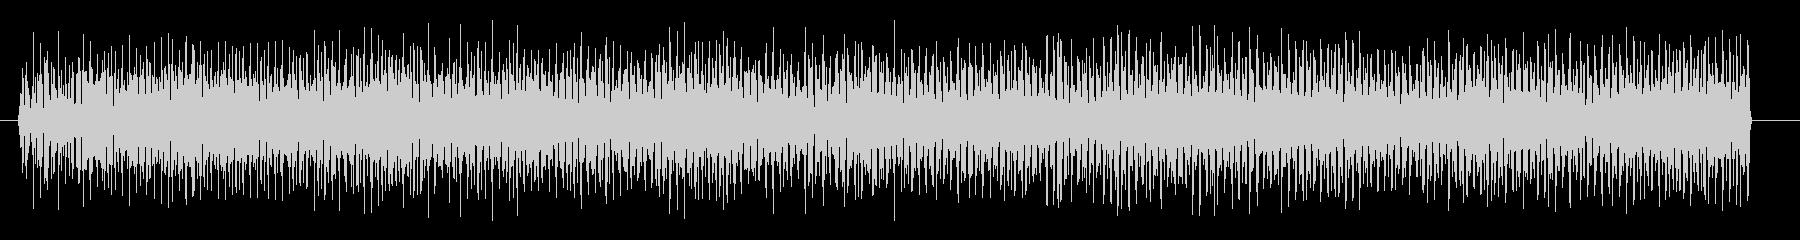 ビリビリビリ 感電する演出のときの音、…の未再生の波形